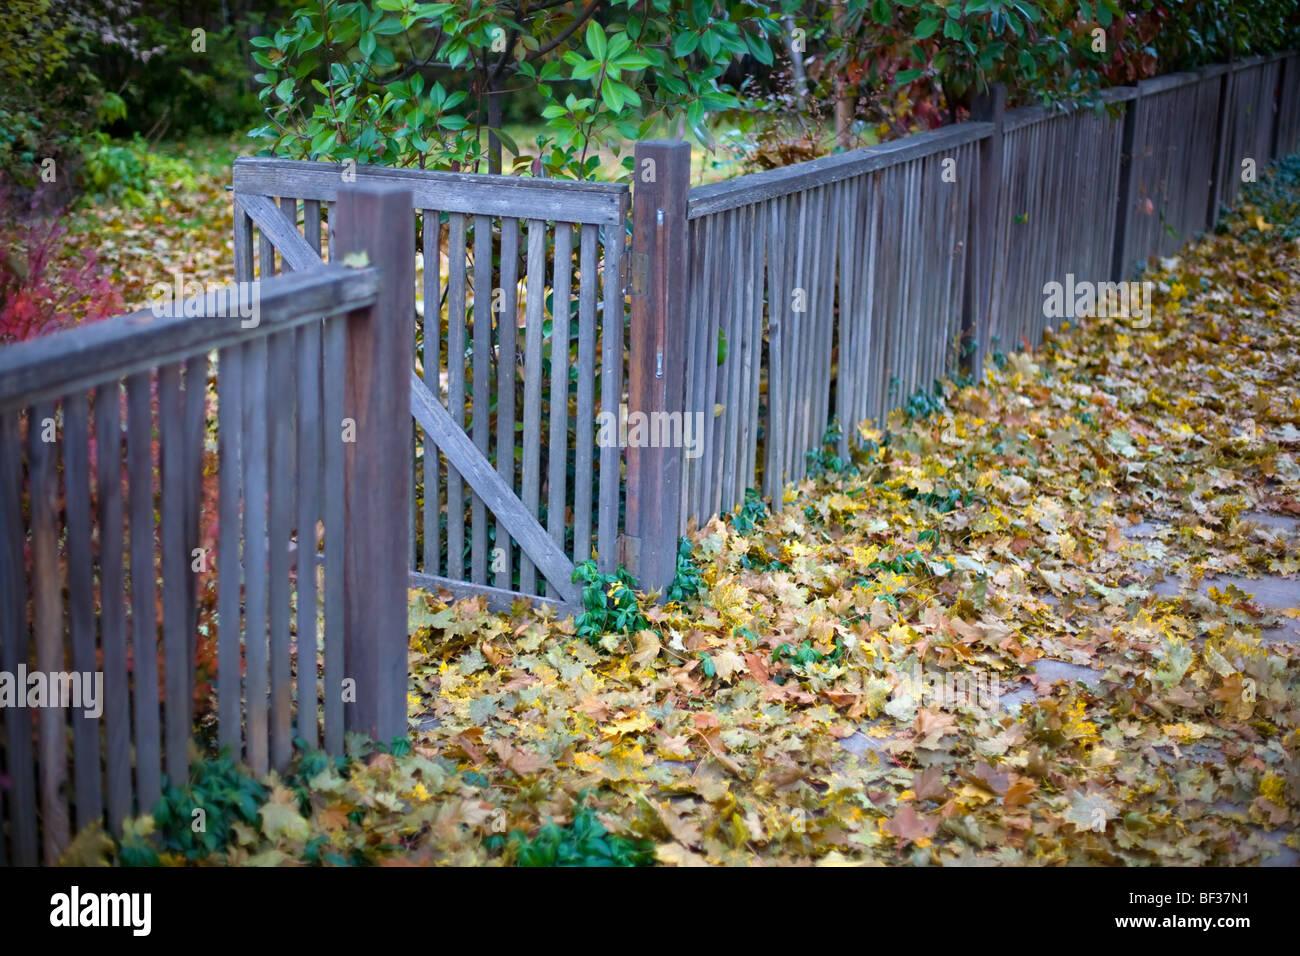 Gate With Autumn Foliage Stockfotos & Gate With Autumn Foliage